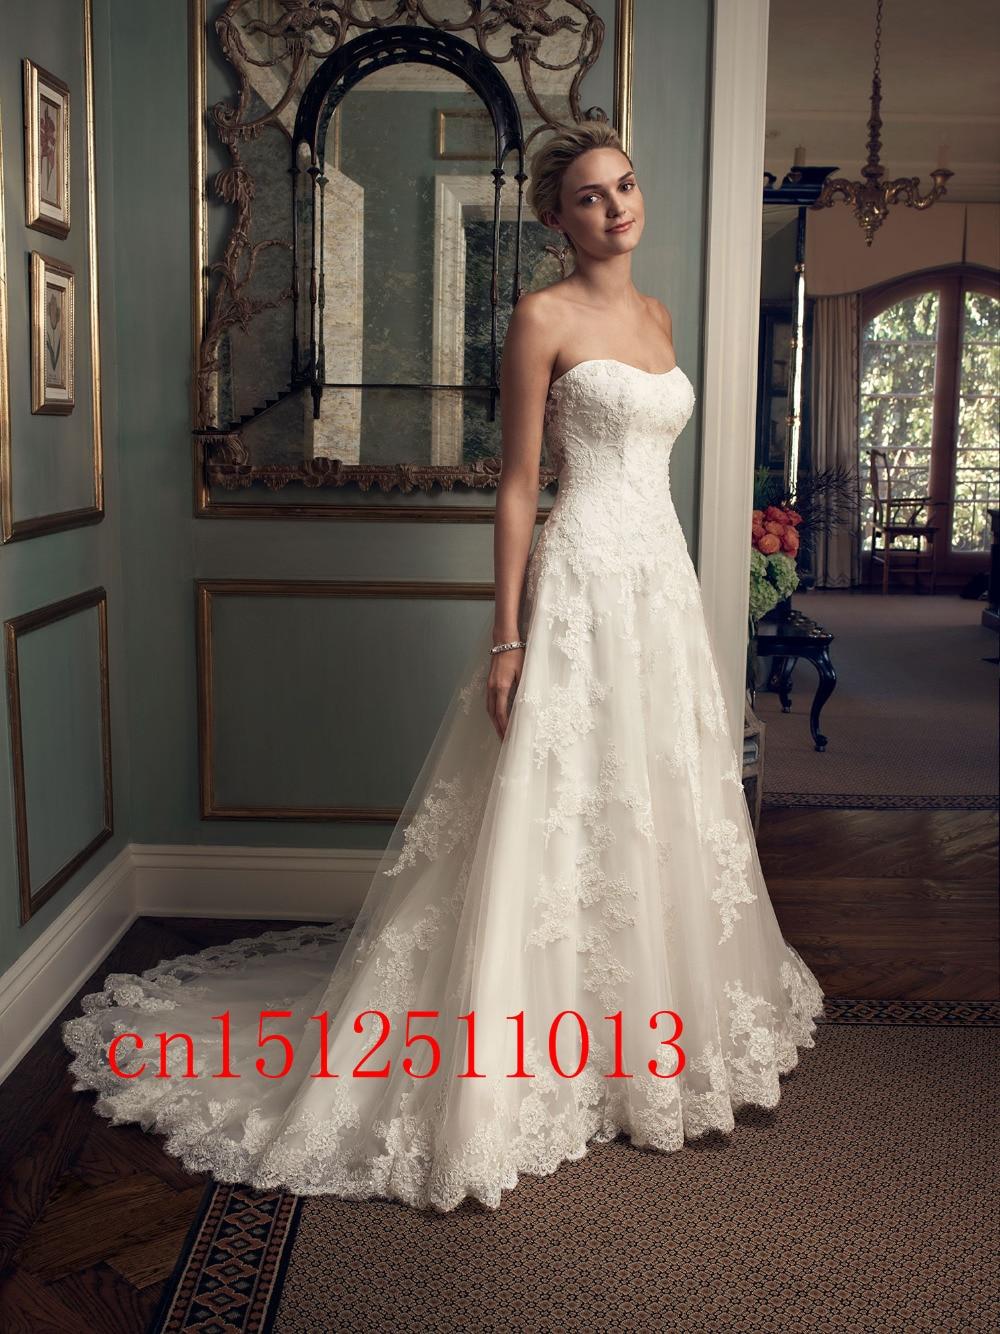 Wunderbar Sexy Einfache Brautkleider Fotos - Brautkleider Ideen ...